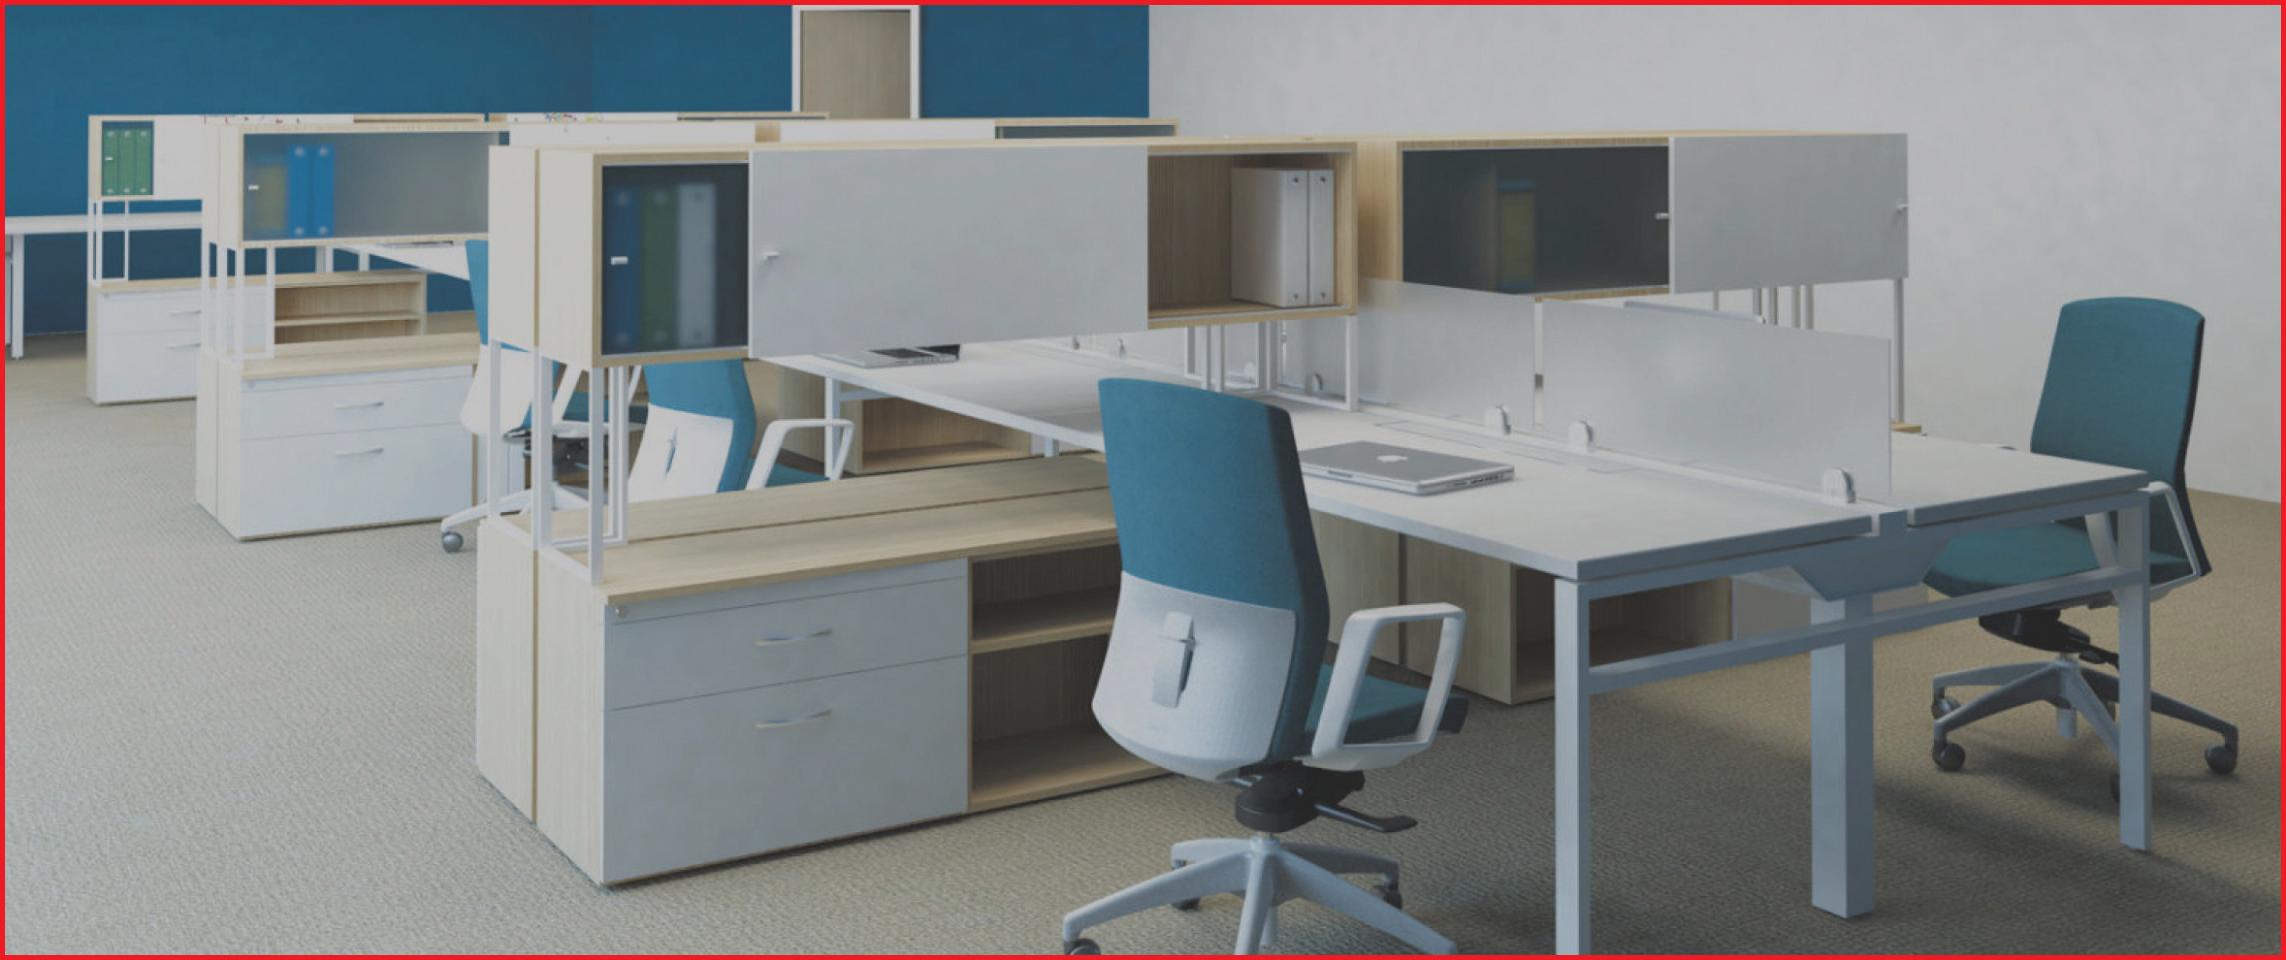 Muebles Oficina Tenerife Dddy Muebles De Oficina En Tenerife 29 Conceptos ErrNeos Unes